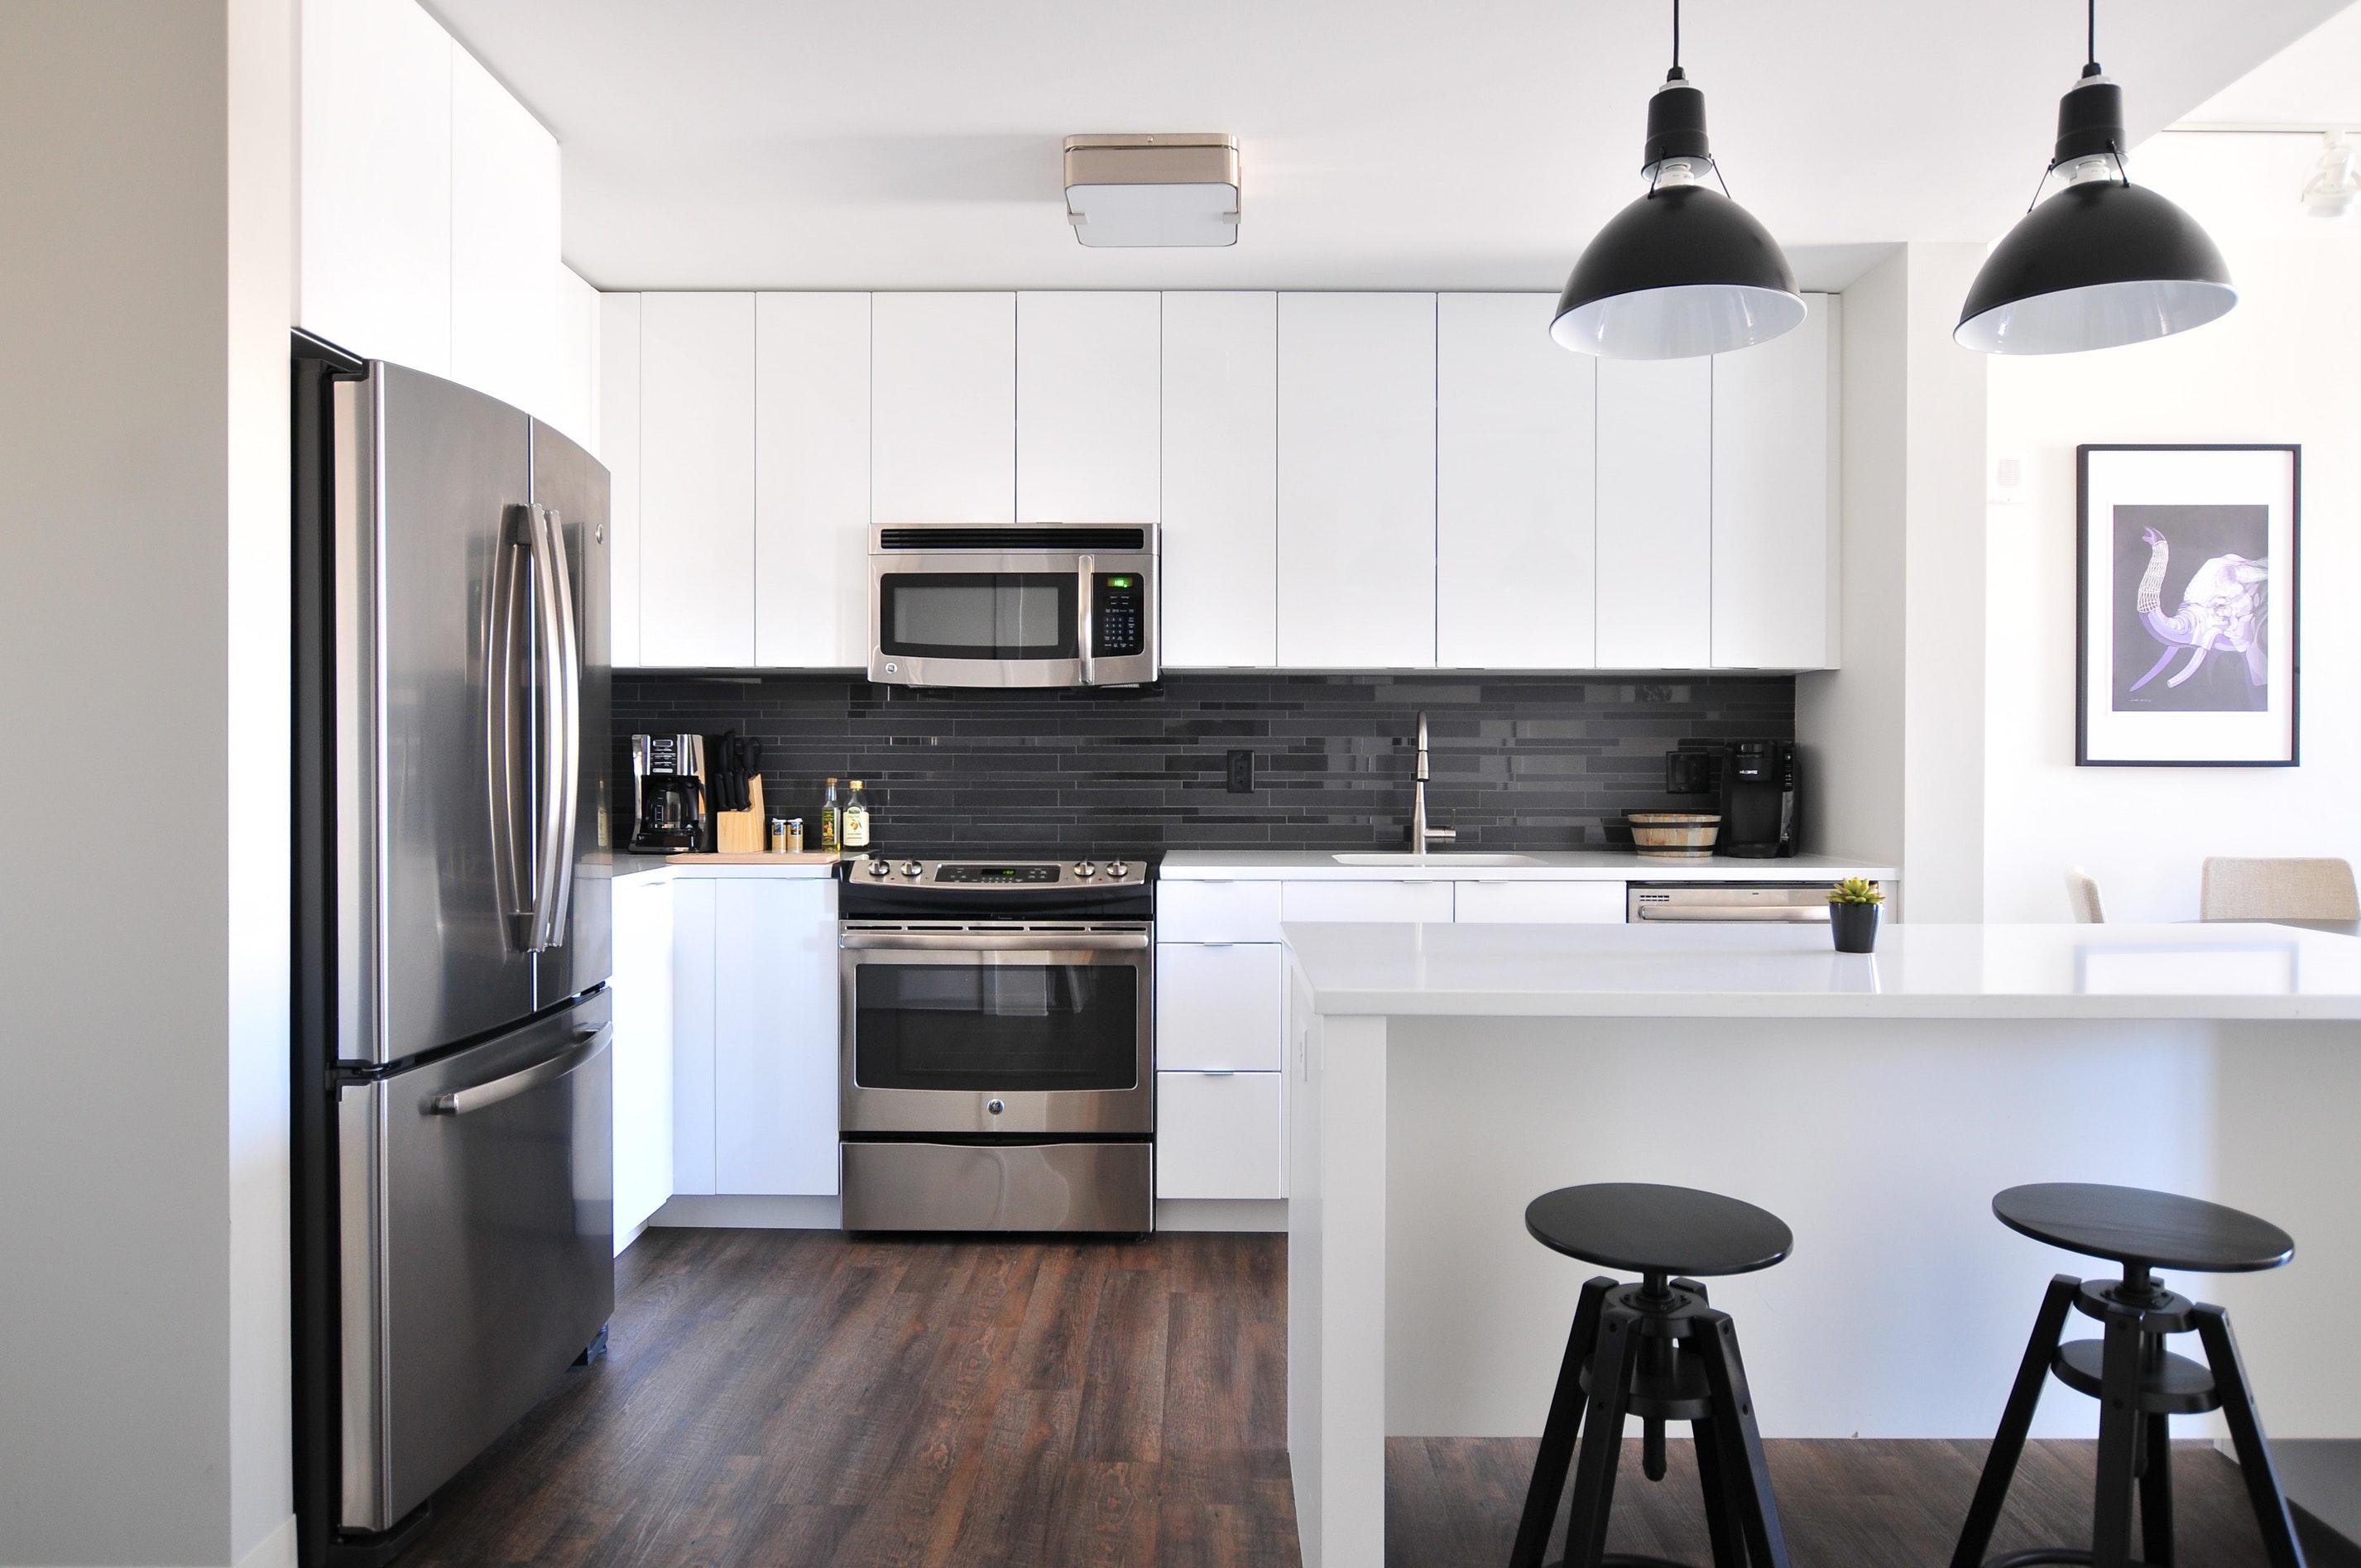 Comment mieux vendre votre bien immobilier ?